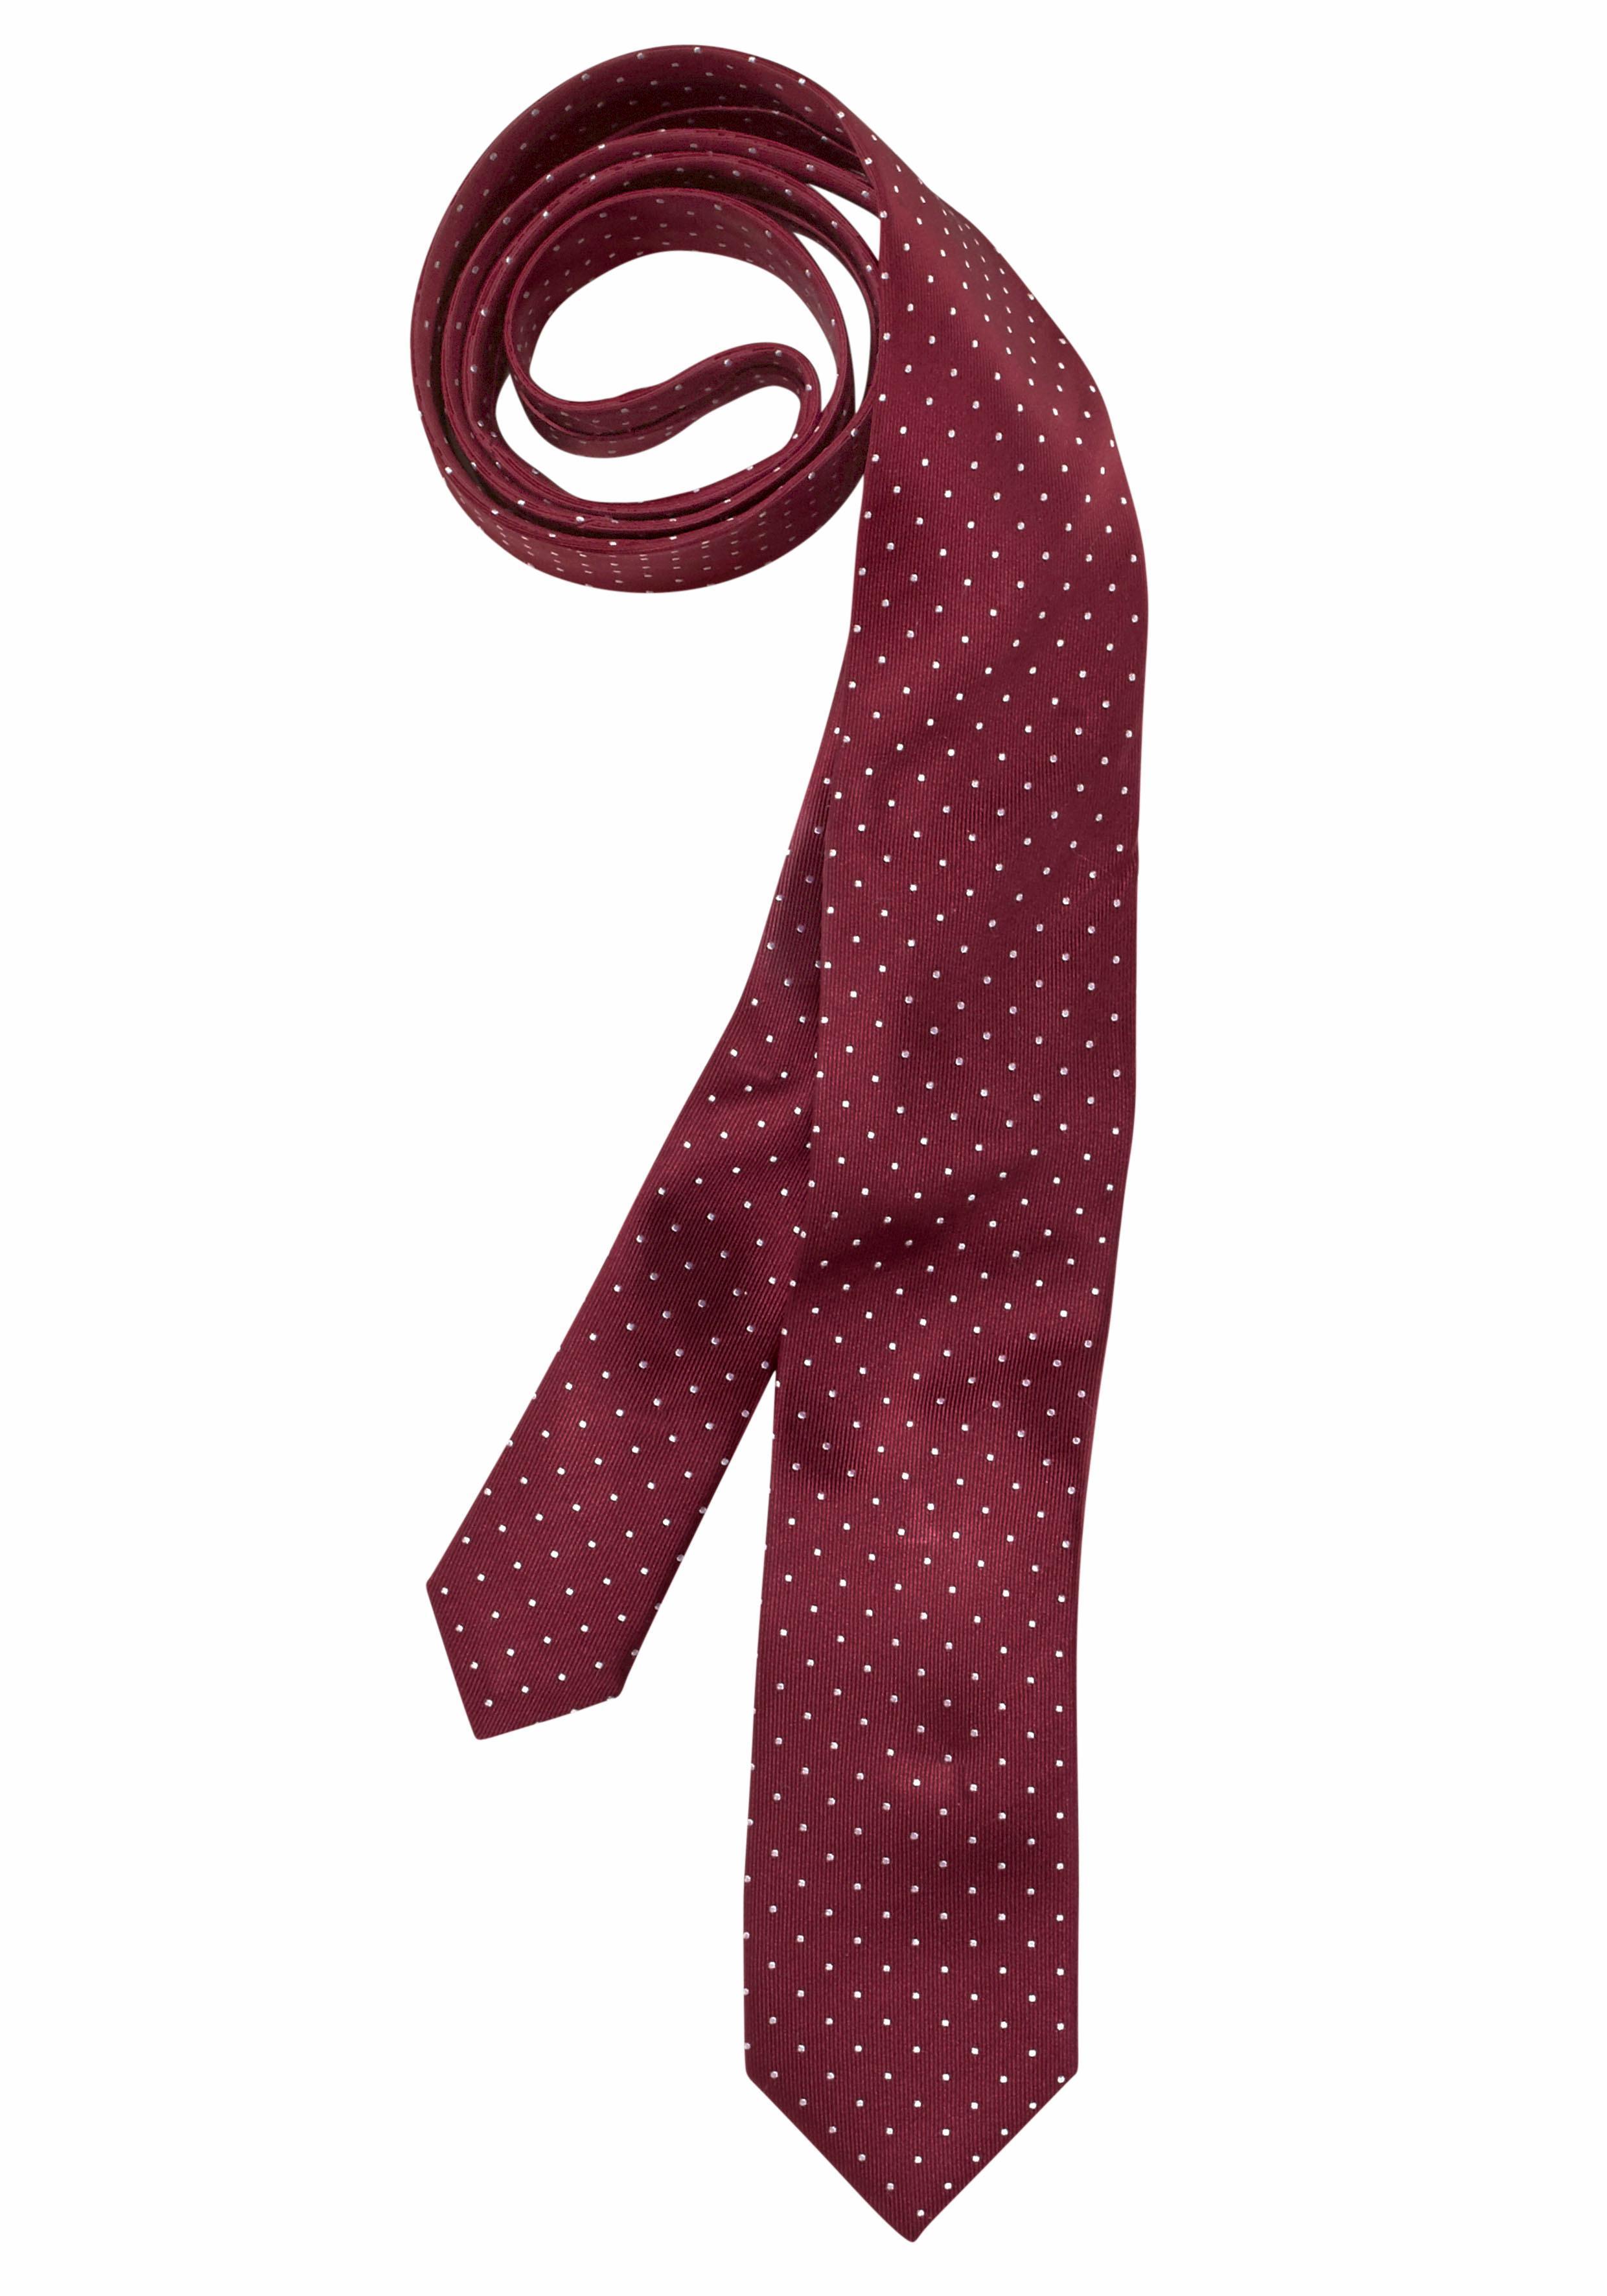 OLYMP Krawatte | Accessoires > Krawatten | Olymp